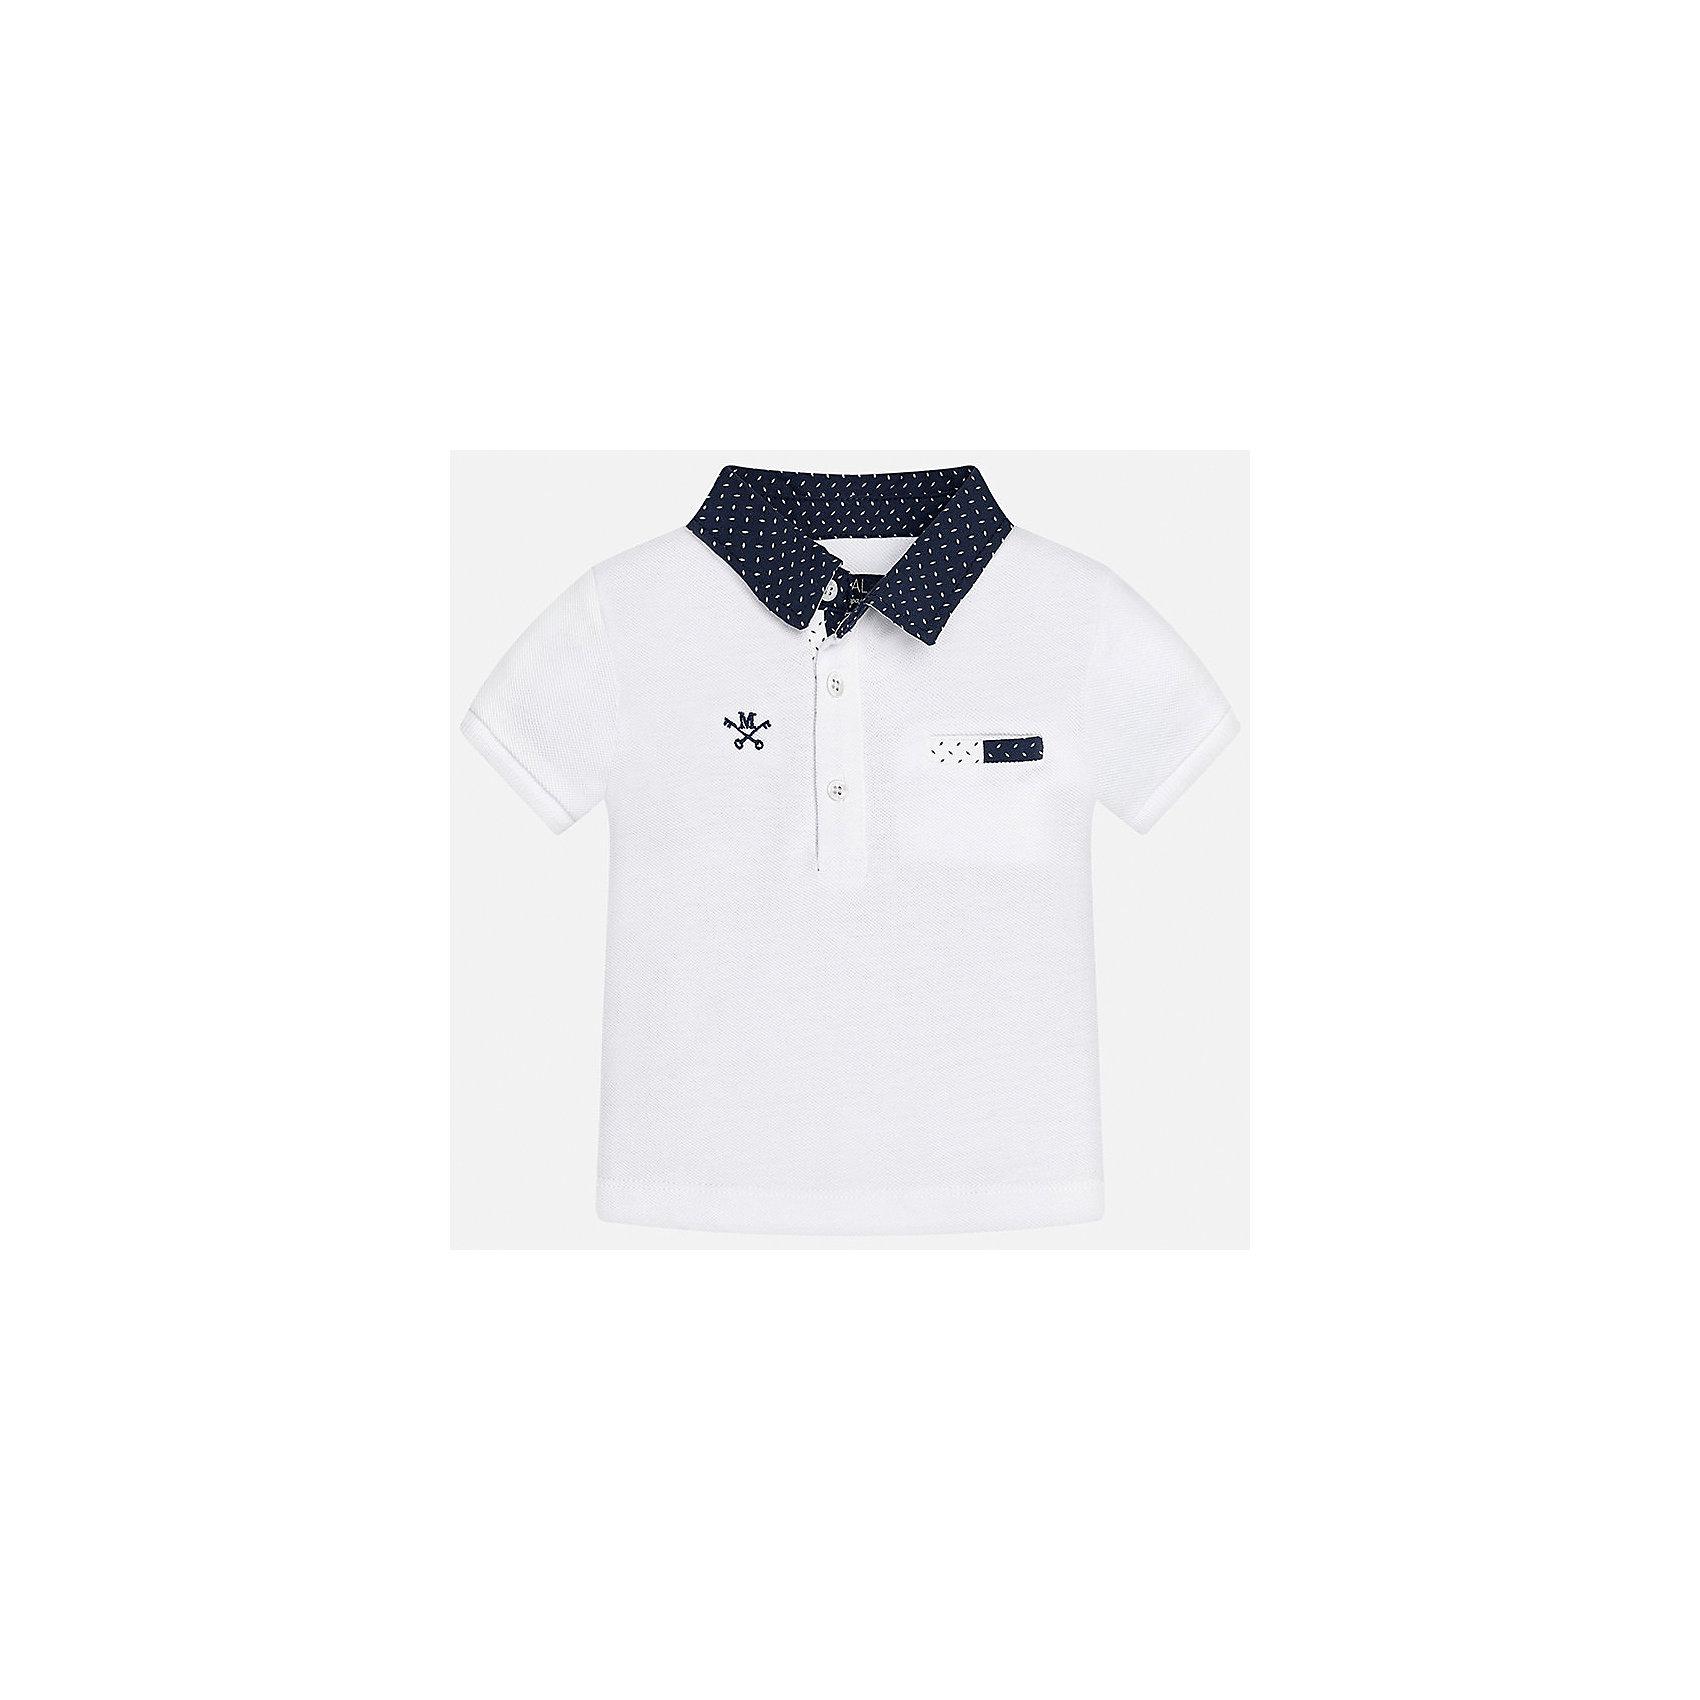 Футболка-поло для мальчика MayoralФутболки, топы<br>Характеристики товара:<br><br>• цвет: белый<br>• состав: 100% хлопок<br>• отложной воротник<br>• короткие рукава<br>• застежка: пуговицы<br>• вышивка и карман на груди<br>• страна бренда: Испания<br><br>Удобная и модная рубашка-поло для мальчика может стать базовой вещью в гардеробе ребенка. Она отлично сочетается с брюками, шортами, джинсами и т.д. Универсальный крой и цвет позволяет подобрать к вещи низ разных расцветок. Практичное и стильное изделие! В составе материала - только натуральный хлопок, гипоаллергенный, приятный на ощупь, дышащий.<br><br>Одежда, обувь и аксессуары от испанского бренда Mayoral полюбились детям и взрослым по всему миру. Модели этой марки - стильные и удобные. Для их производства используются только безопасные, качественные материалы и фурнитура. Порадуйте ребенка модными и красивыми вещами от Mayoral! <br><br>Футболку-поло для мальчика от испанского бренда Mayoral (Майорал) можно купить в нашем интернет-магазине.<br><br>Ширина мм: 199<br>Глубина мм: 10<br>Высота мм: 161<br>Вес г: 151<br>Цвет: белый<br>Возраст от месяцев: 12<br>Возраст до месяцев: 15<br>Пол: Мужской<br>Возраст: Детский<br>Размер: 80,92,86<br>SKU: 5278538